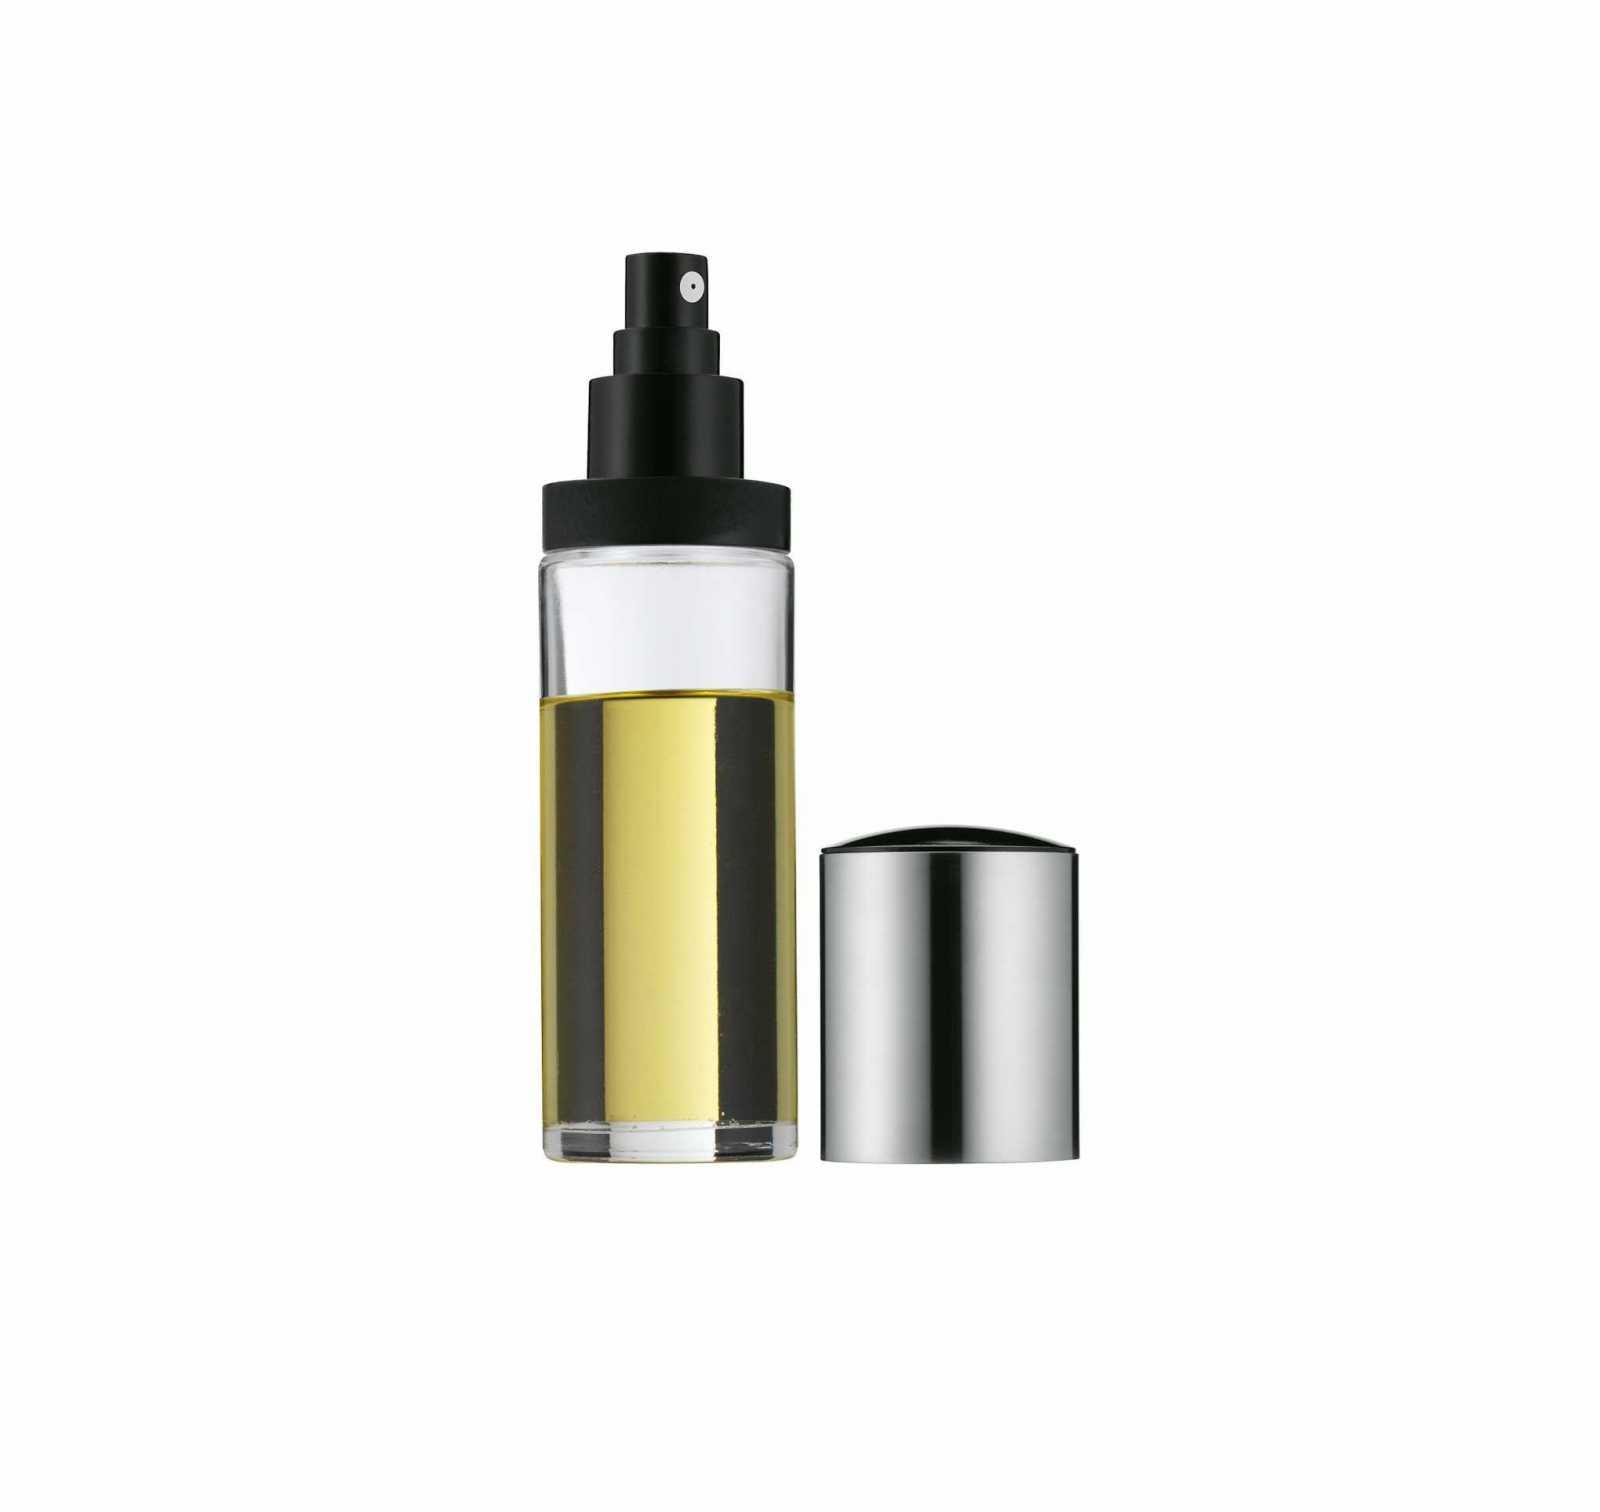 Бутылка с распылителем для масла WMF , прозрачный с черным WMF 06 1928 6030 фото 1